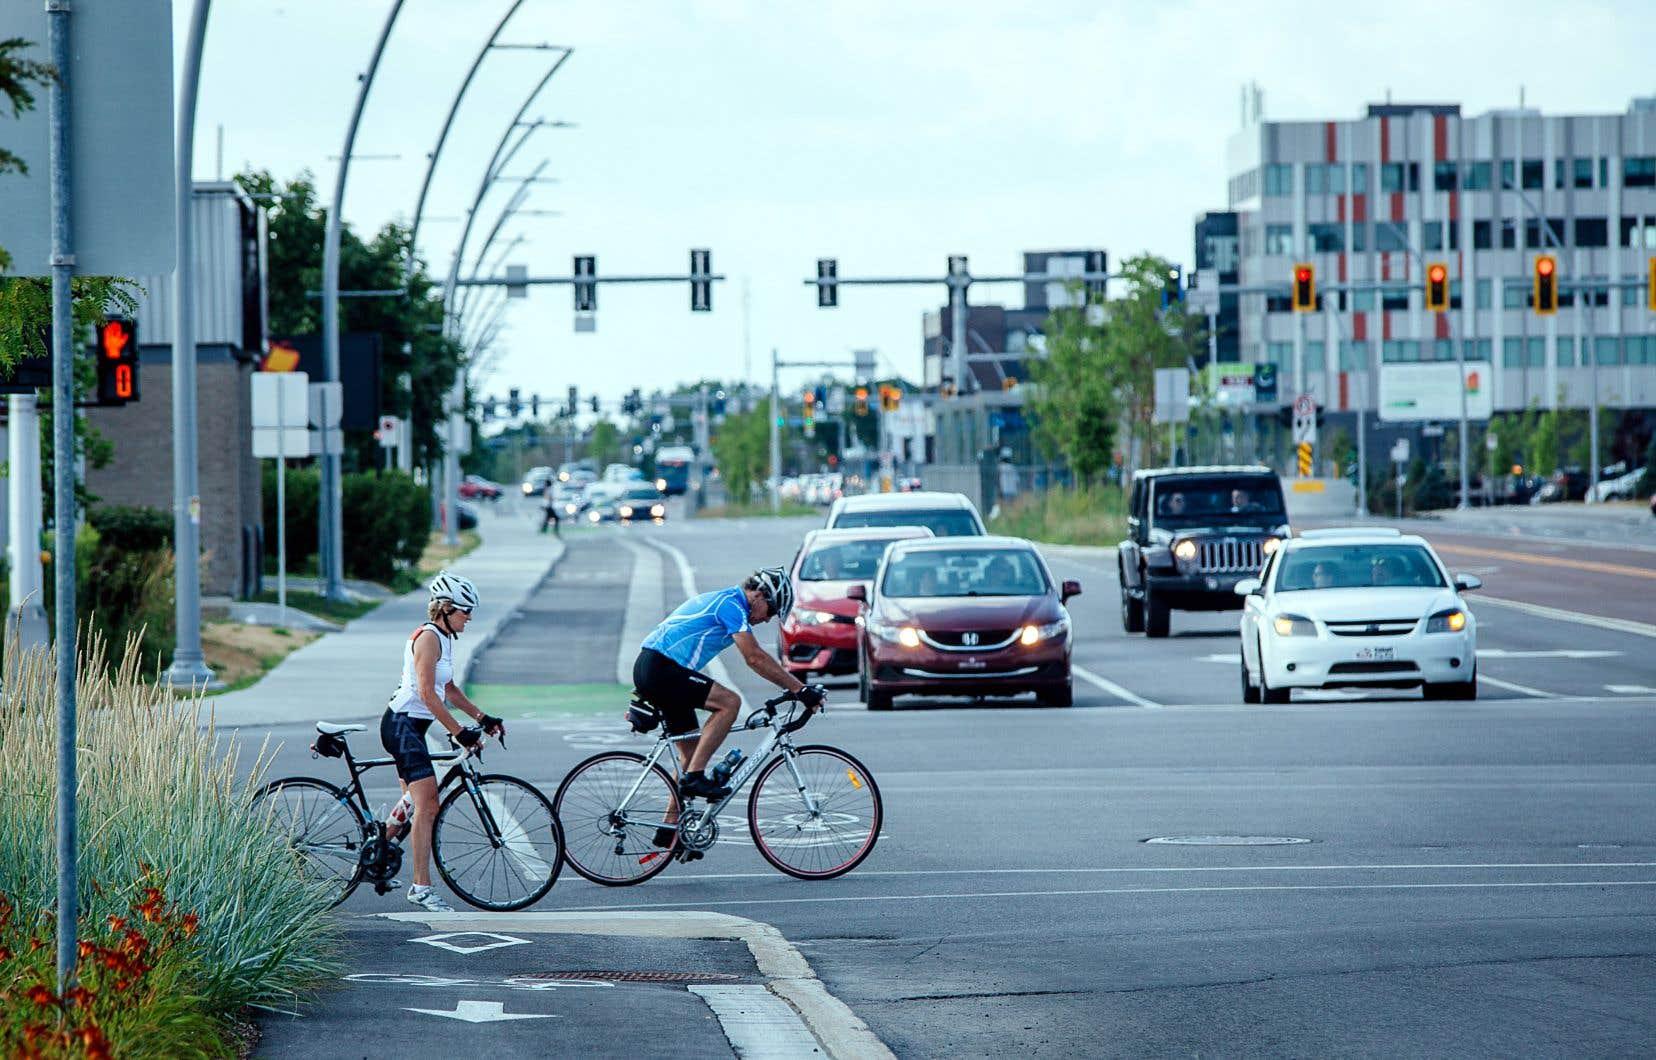 Nouveaux aménagements cyclables à Laval, le long du boulevard Le Corbusier. D'ici 2031, les 82 municipalités de la Communauté métropolitaine de Montréal veulent doubler le nombre de déplacements quotidiens à vélo.